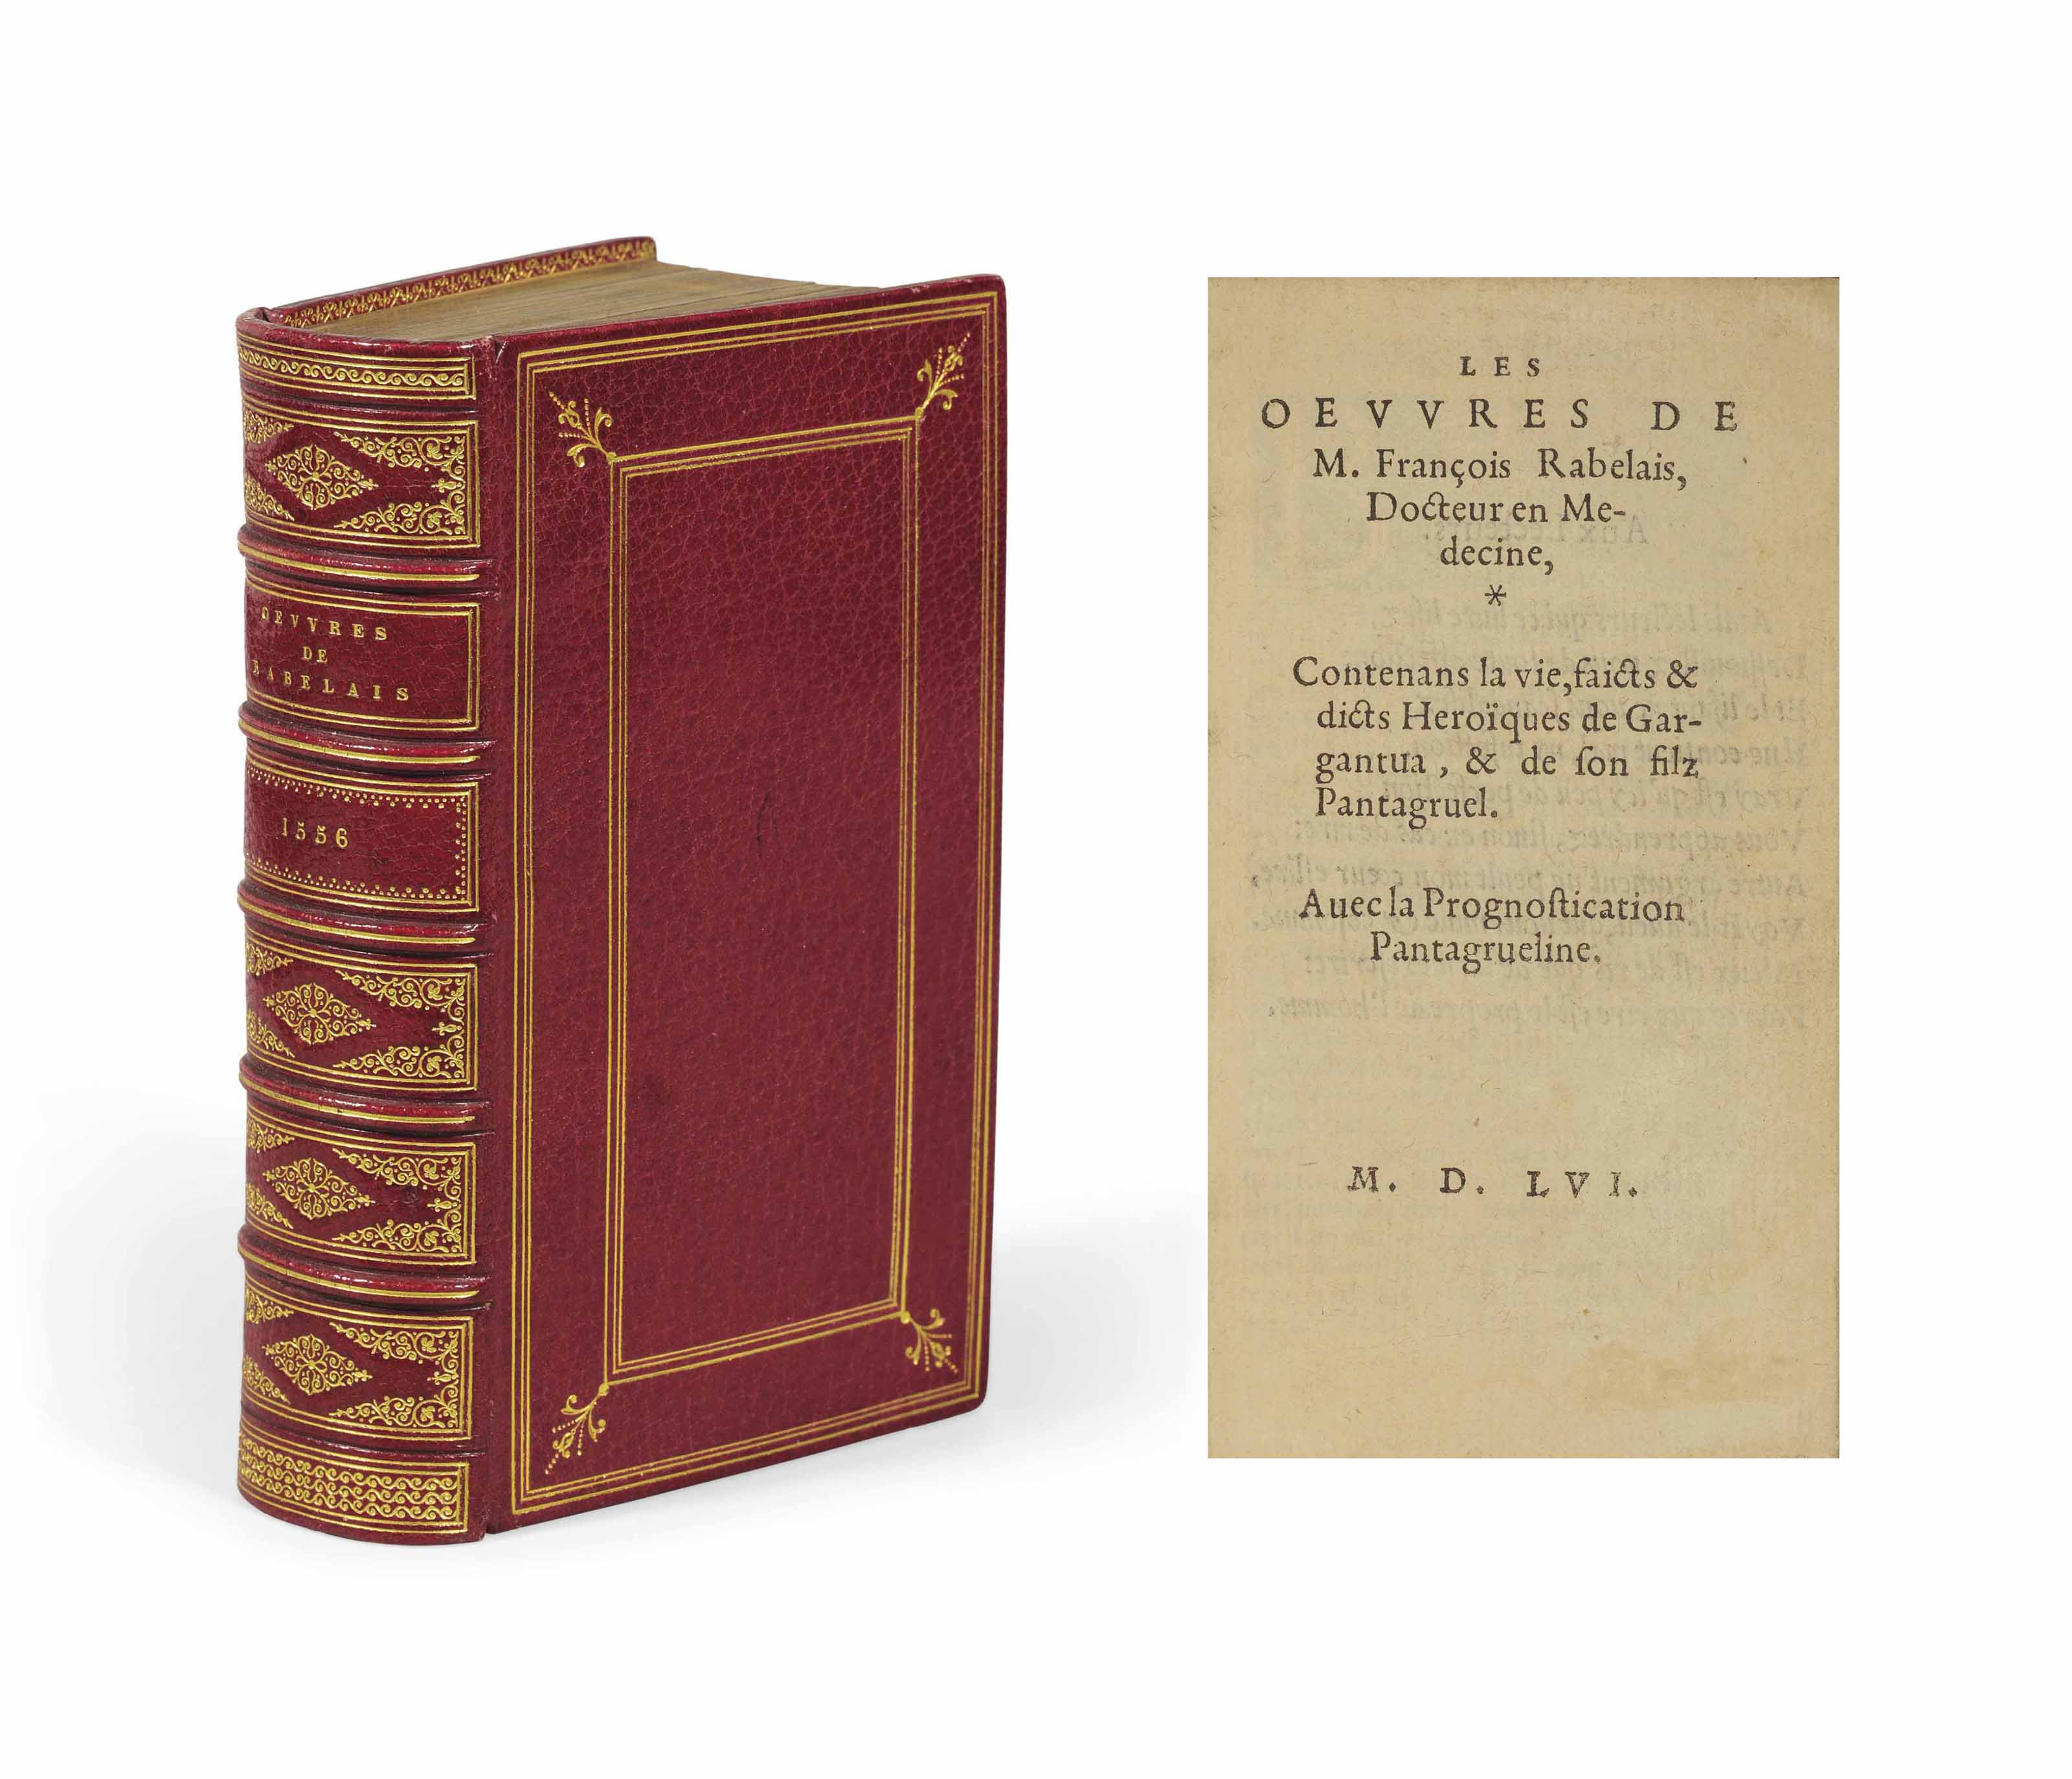 RABELAIS, François (ca. 1490-1553). Les Oeuvres... contenans la vie, faicts & dicts heroïques de Gargantua, & de son filz Pantagruel. Avec la Prognostication Pantagrueline. S.l.n.n.: 1556.